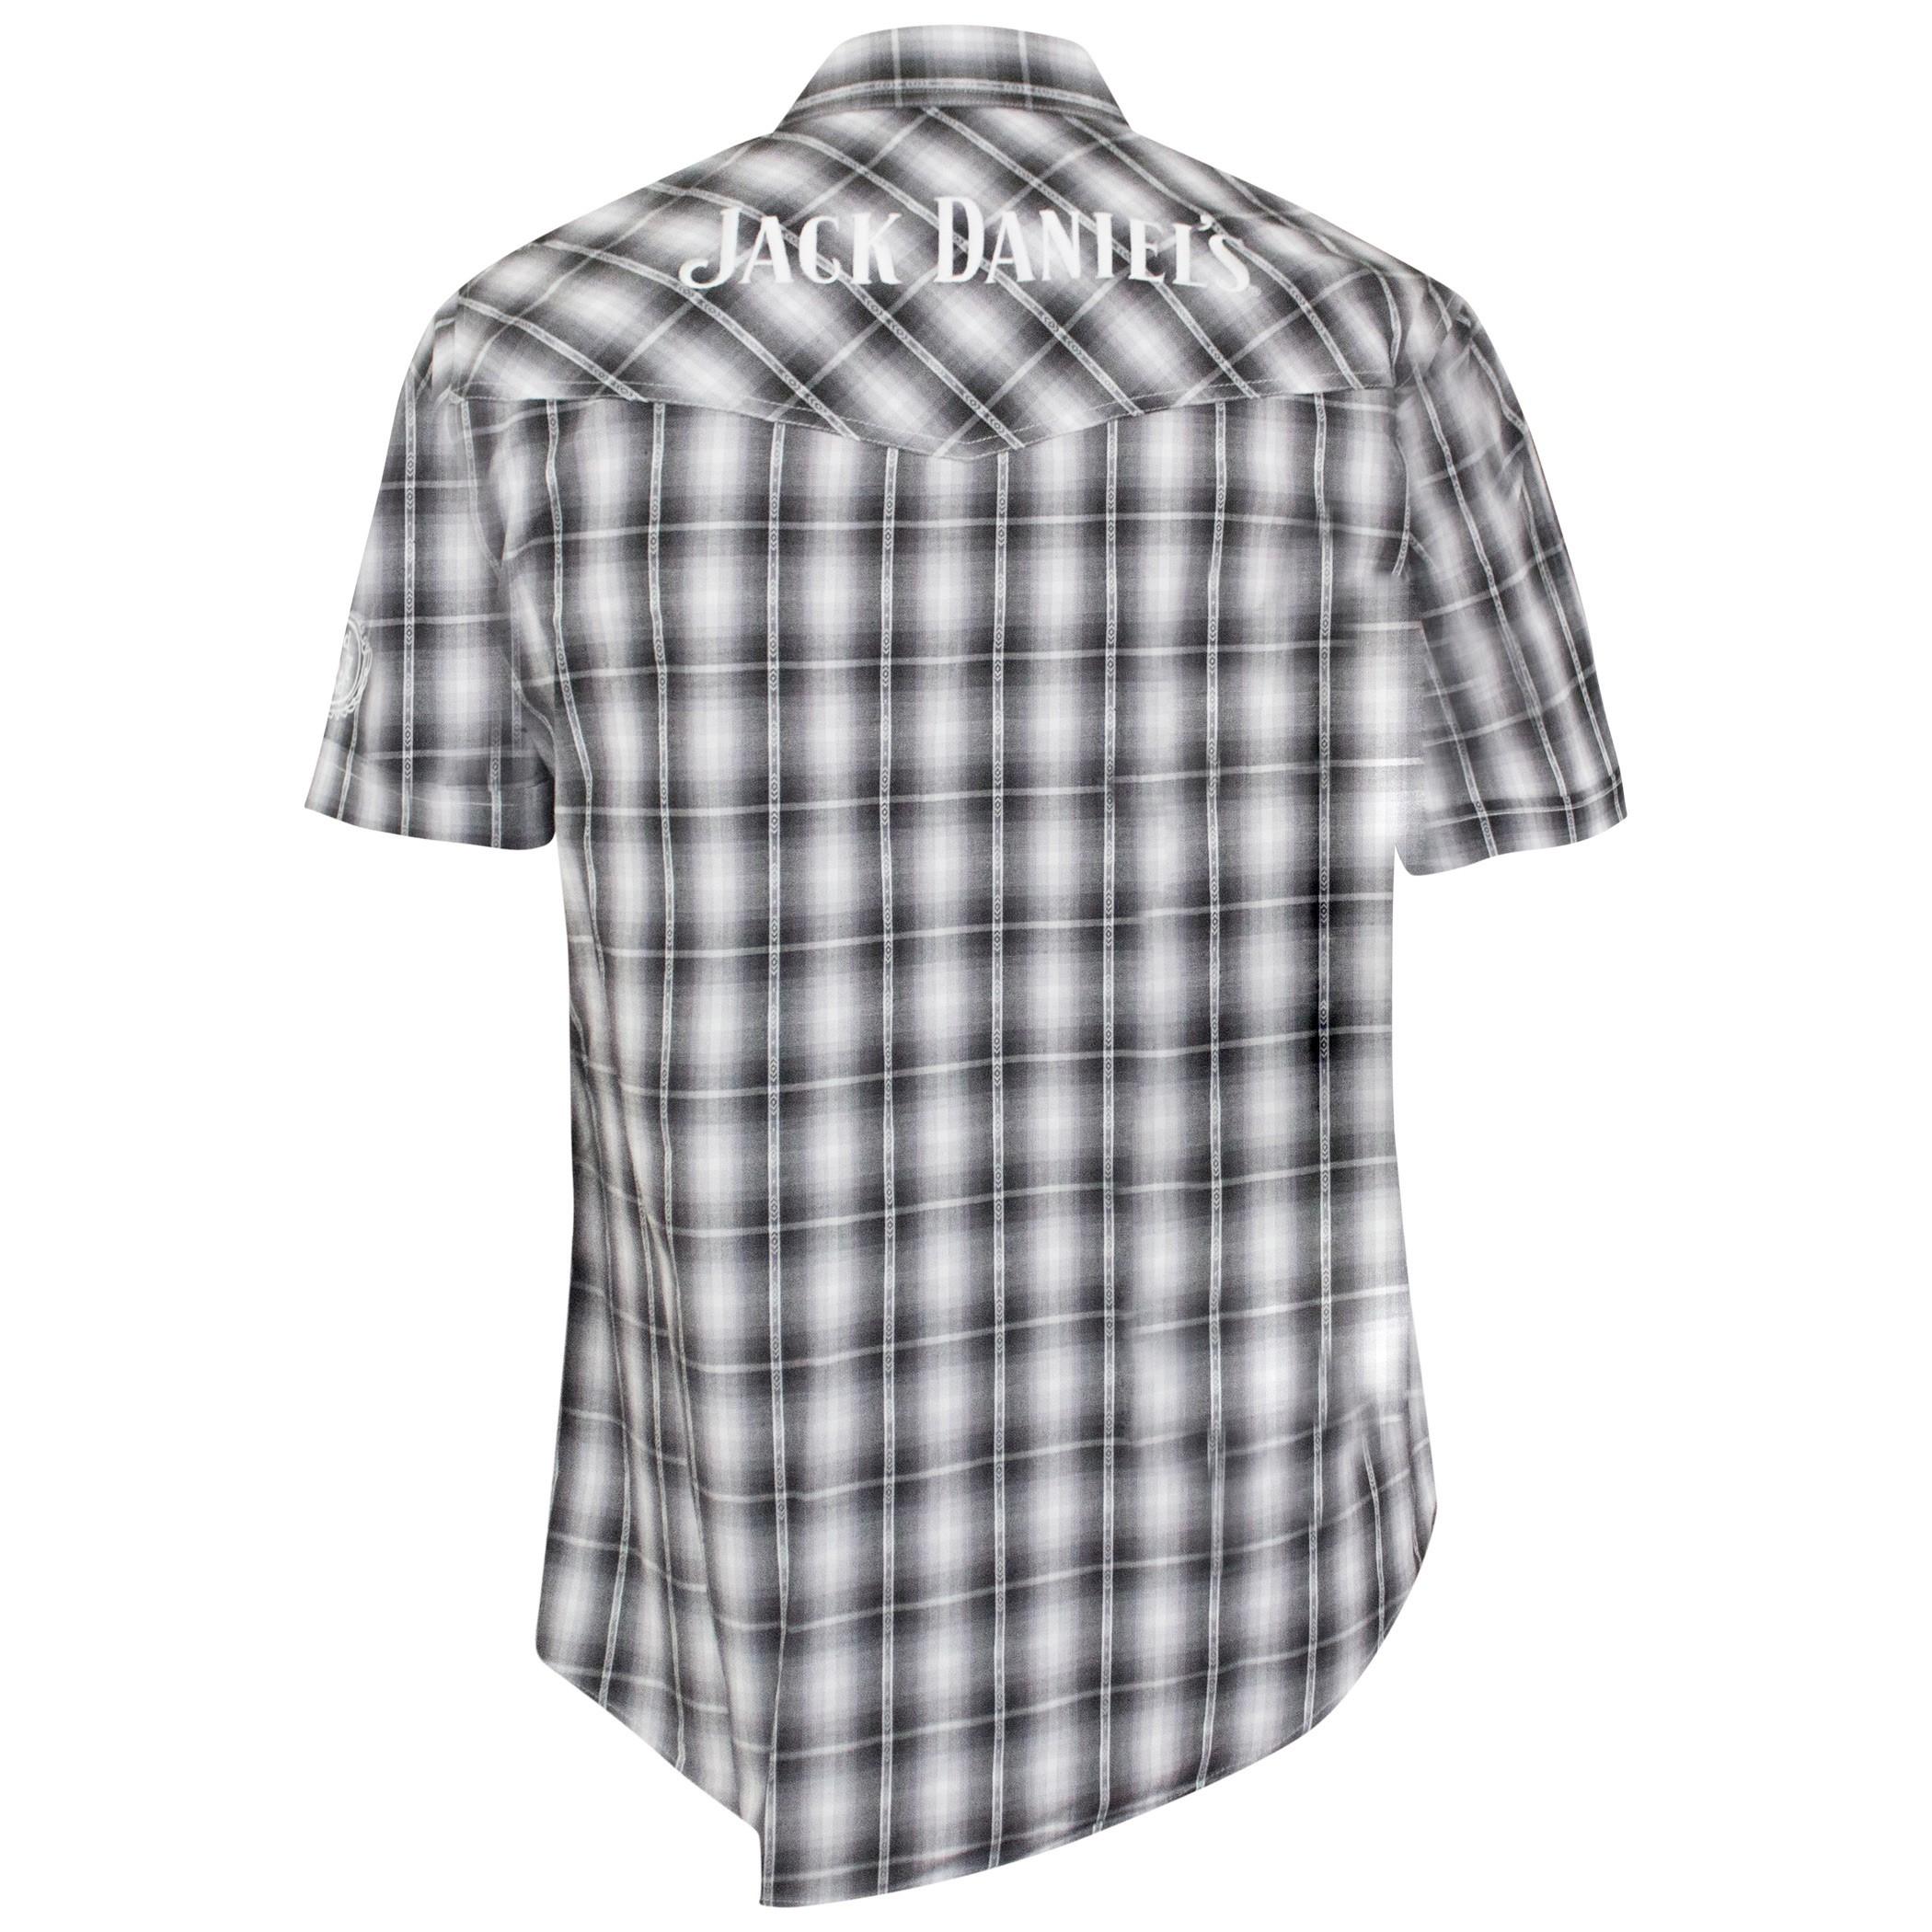 Jack Daniels Textured Plaid Short Sleeve Button Up Tee Shirt